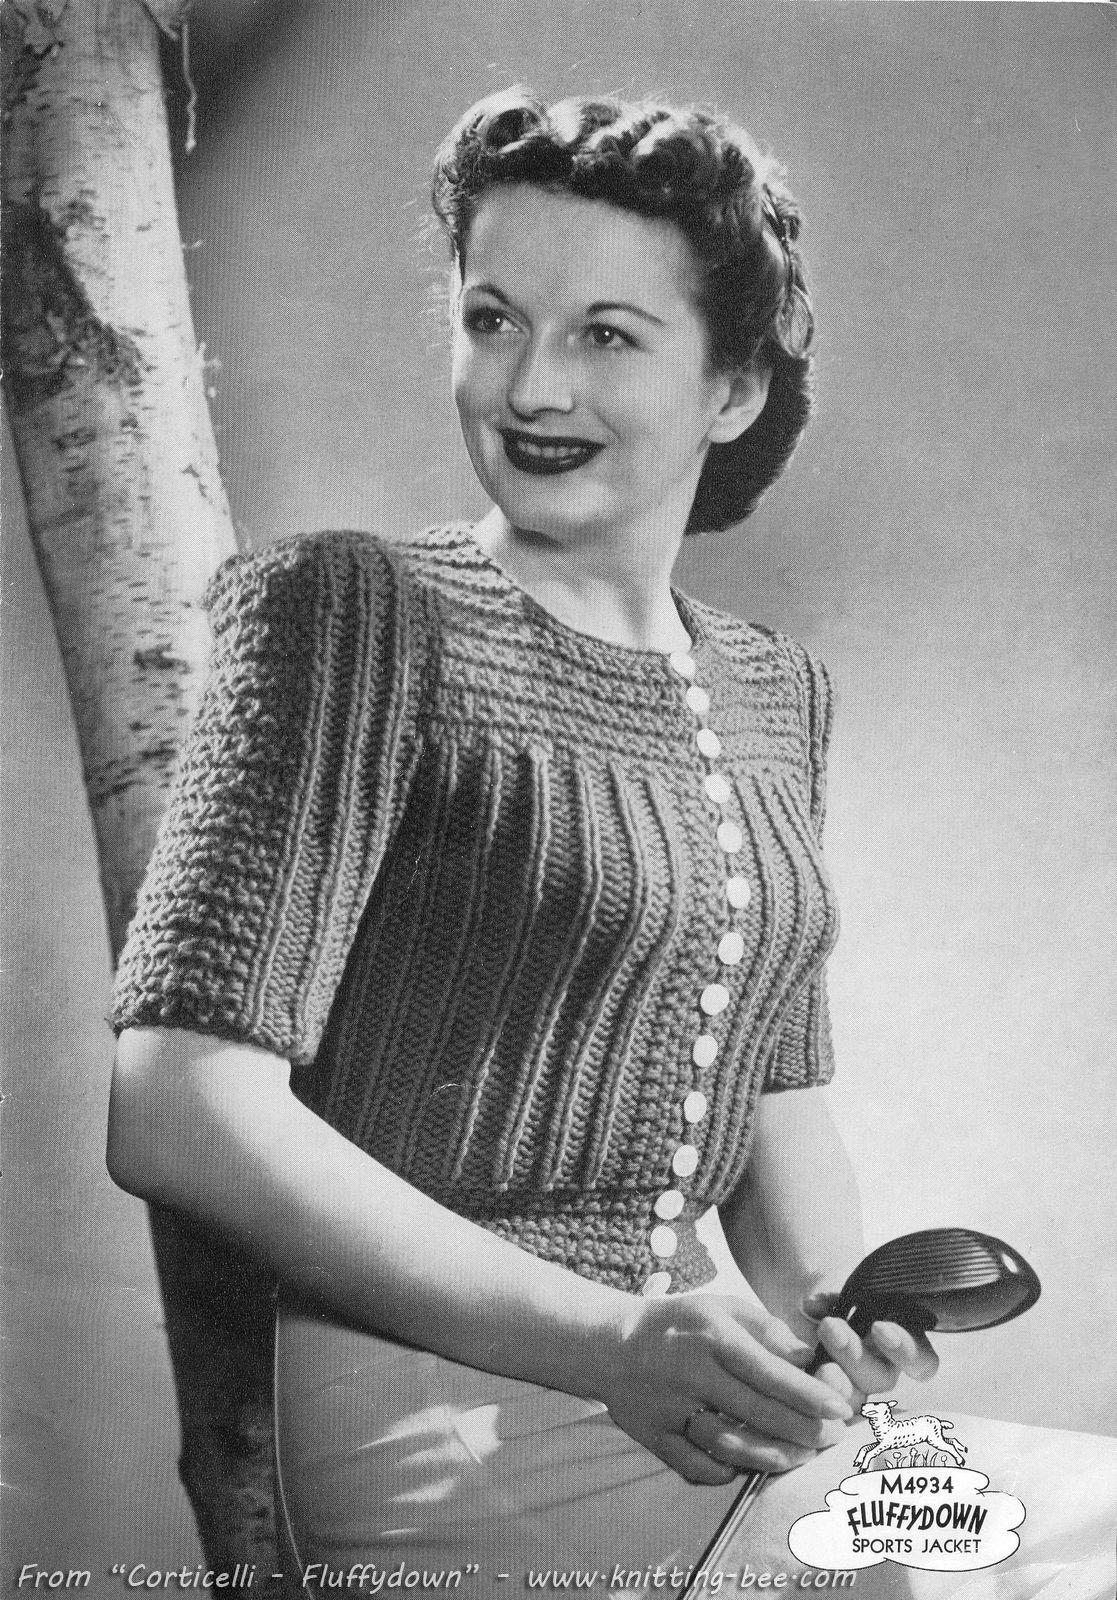 Sports Jacket – Vintage Knit | Knit patterns, Patterns and Vintage ...